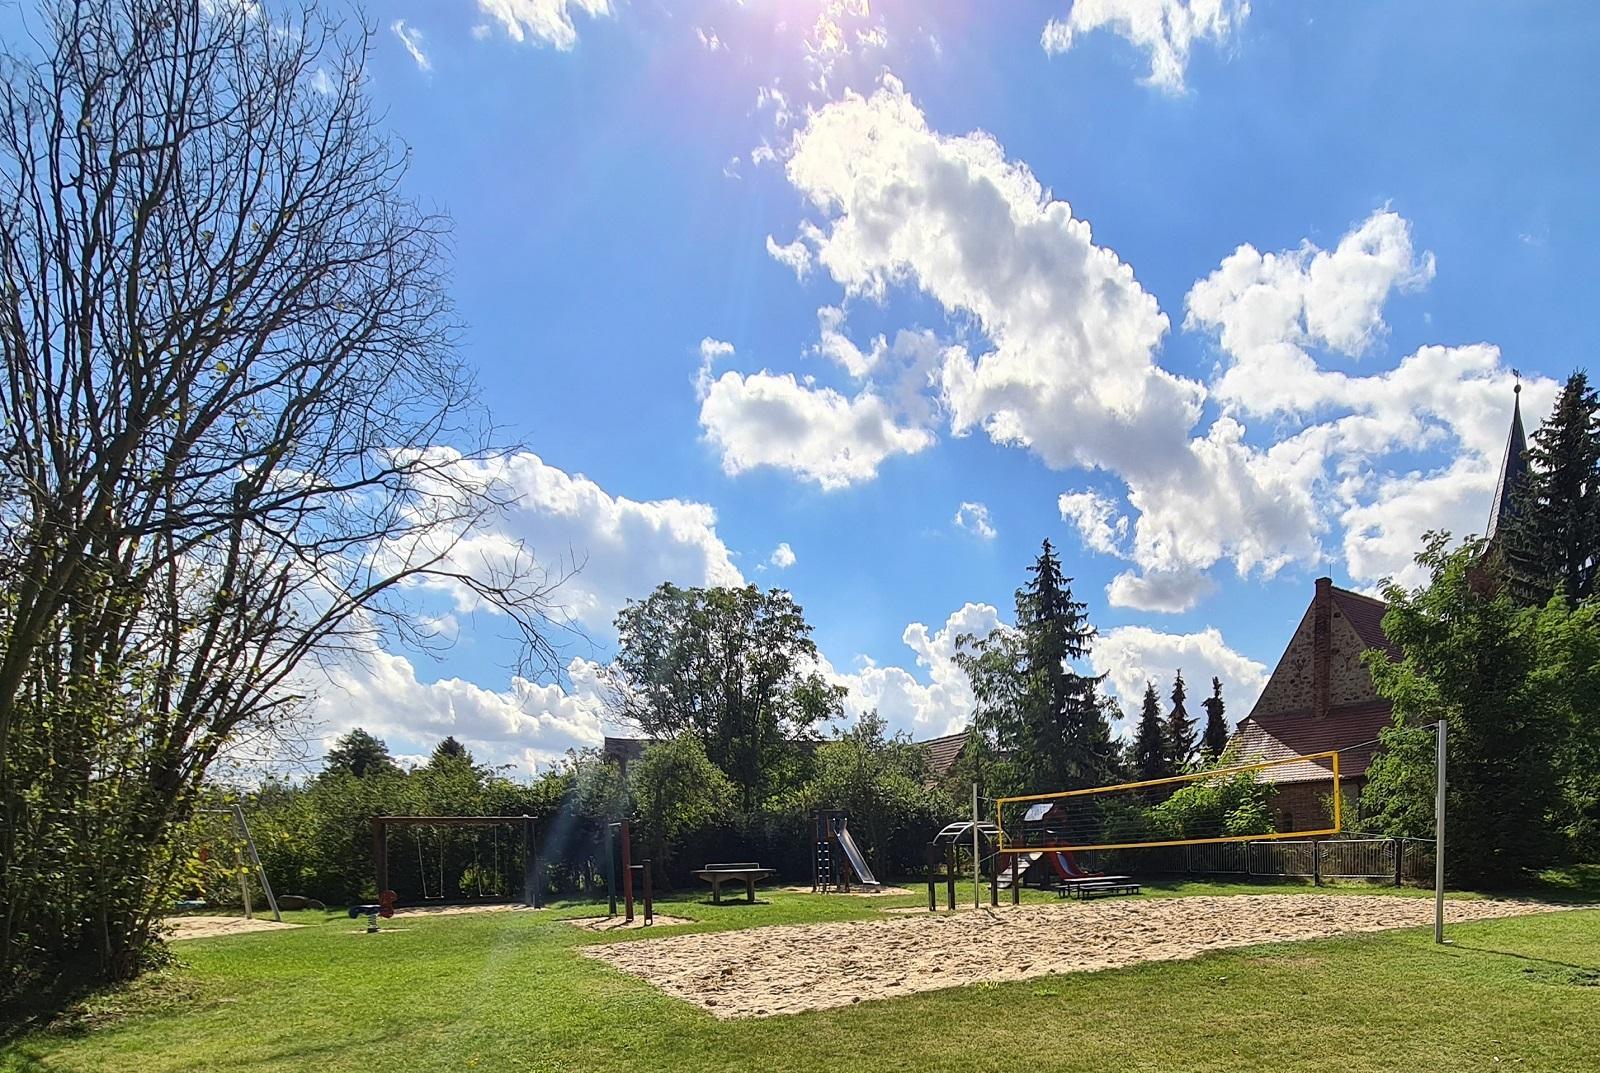 Spielplatz Rietz 4 (Foto: Stadtverwaltung Treuenbrietzen)